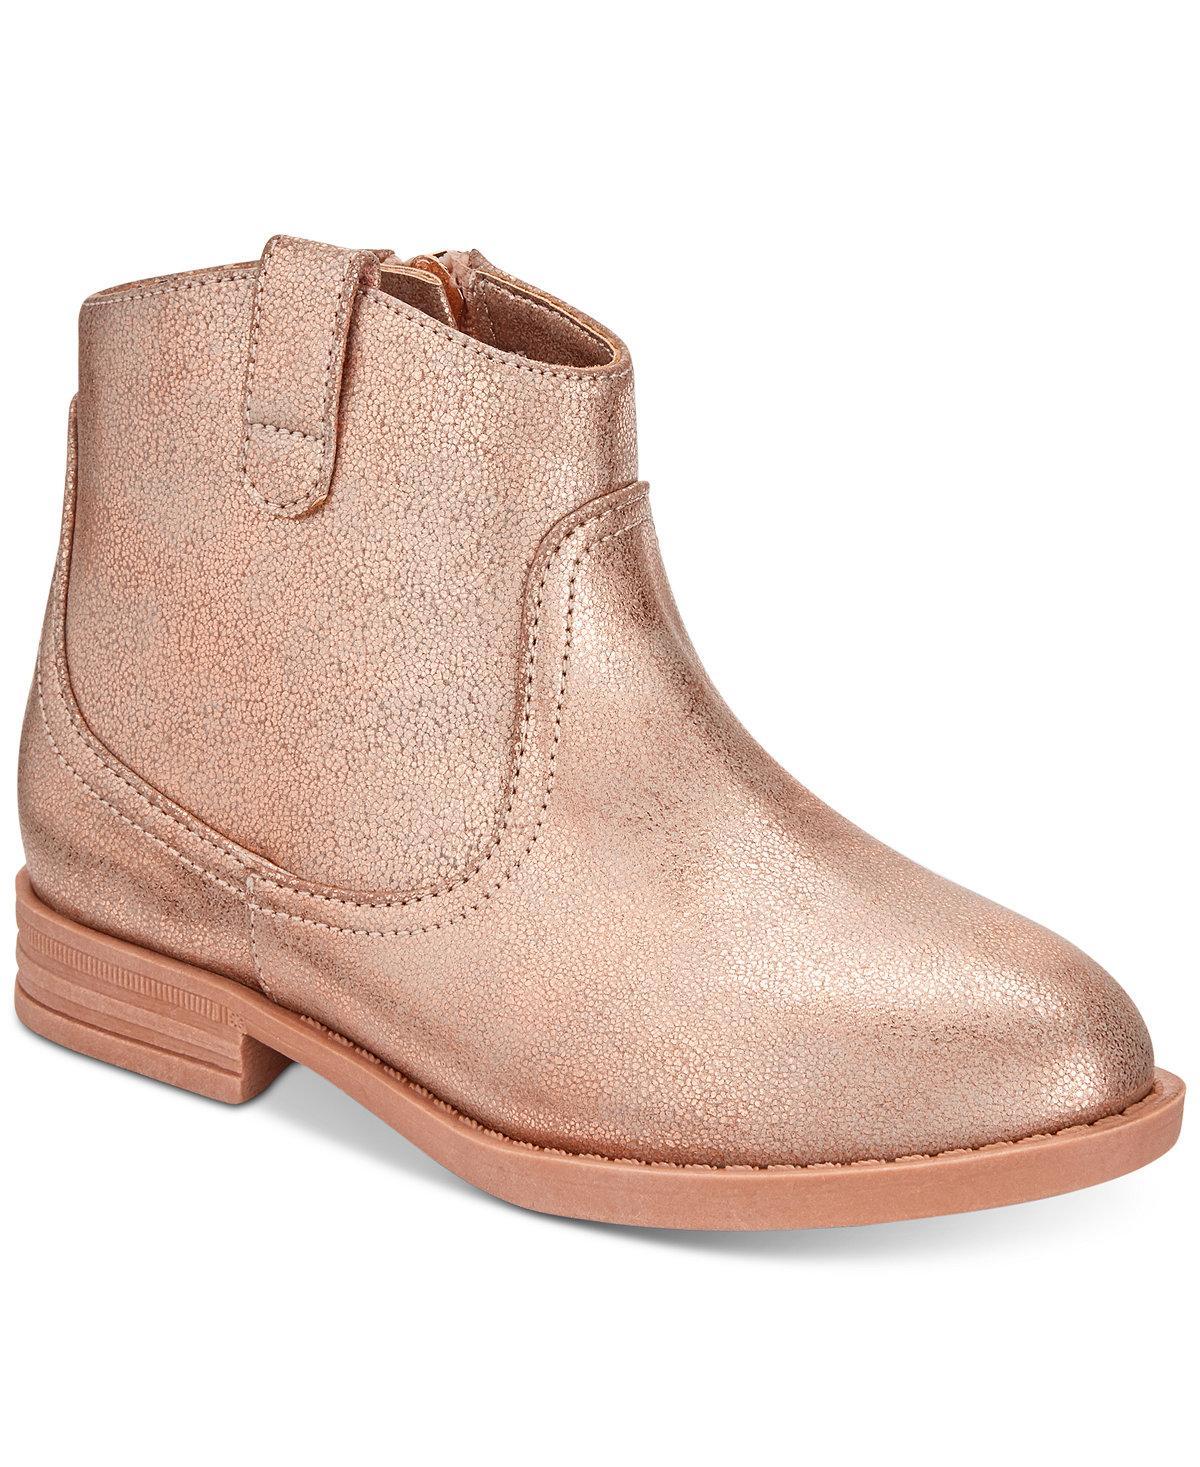 احذية اطفال بتصميمات انيقة موضة شتاء 2018 638492089.jpg